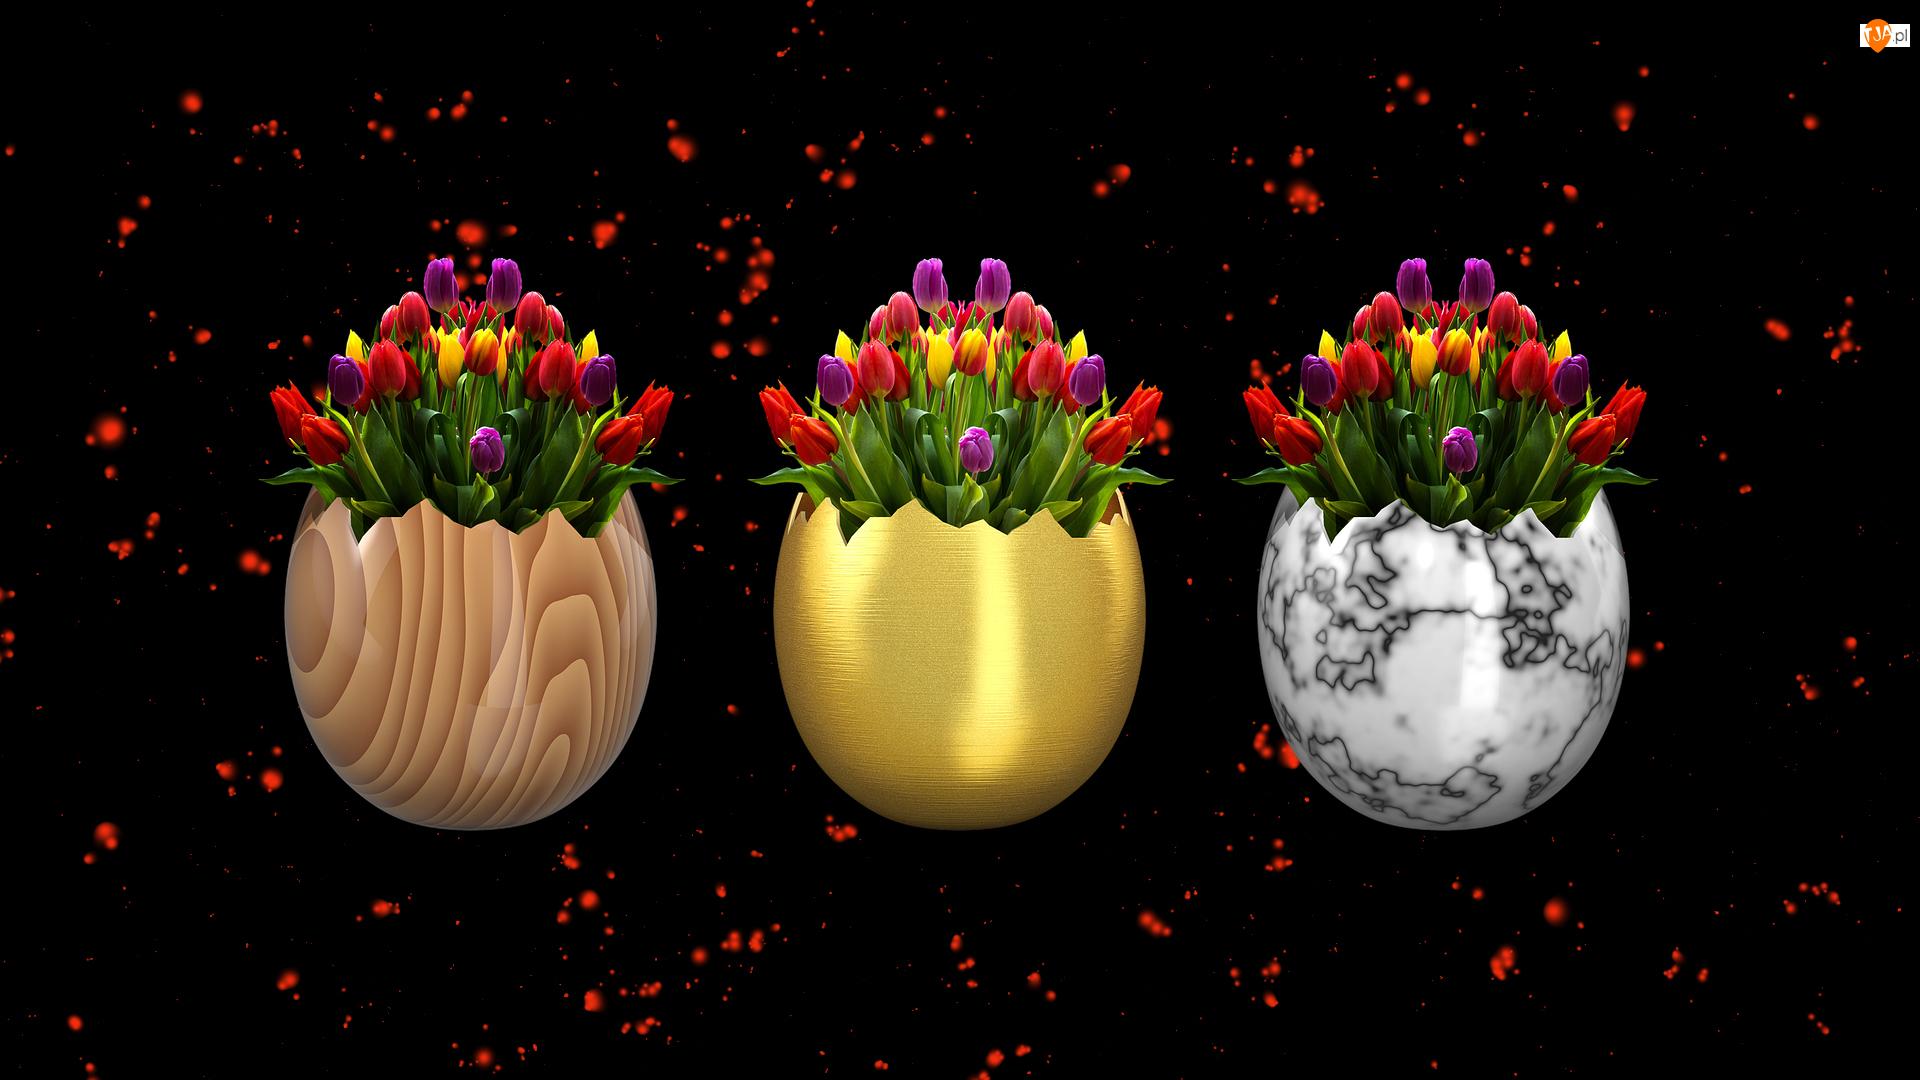 Dekoracja, Kwiaty, Tulipany